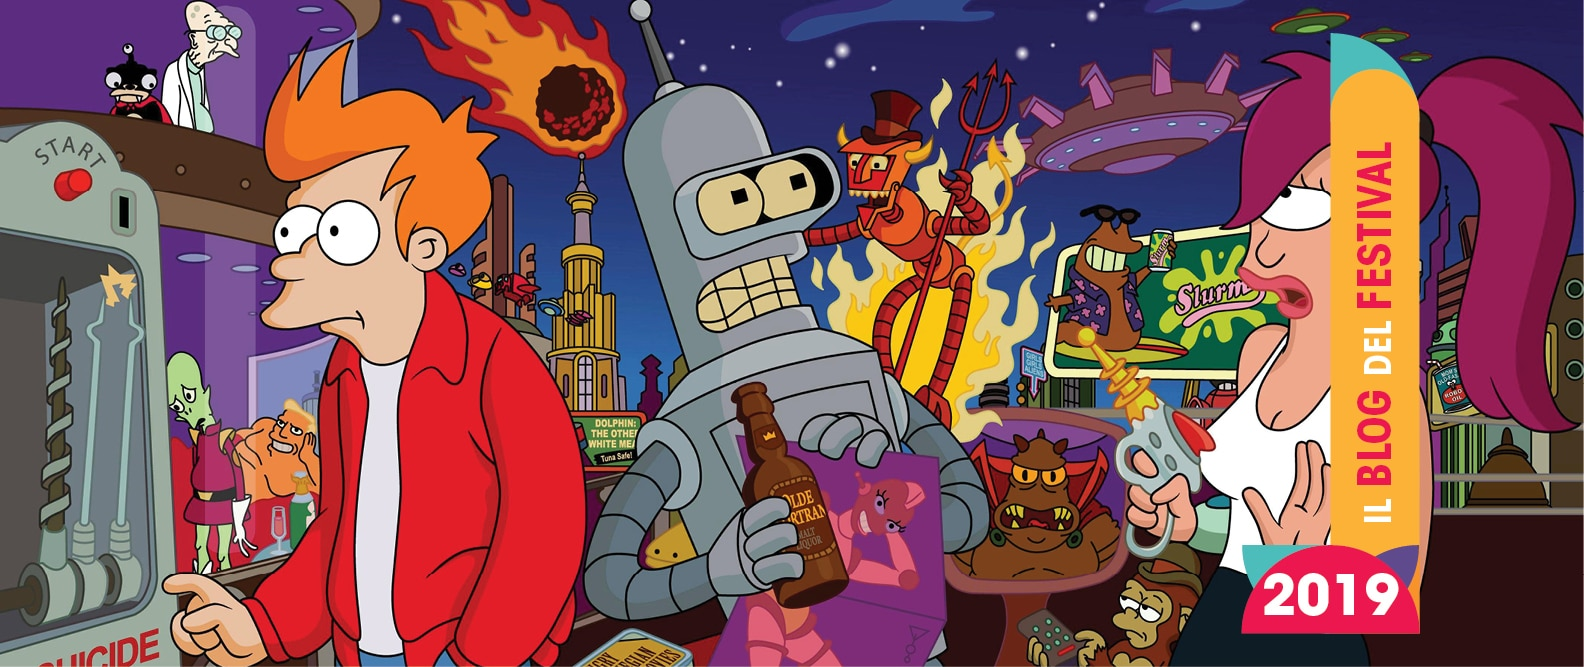 La cultura tecnica secondo Futurama: 5 tecnologie strampalate che esistono realmente